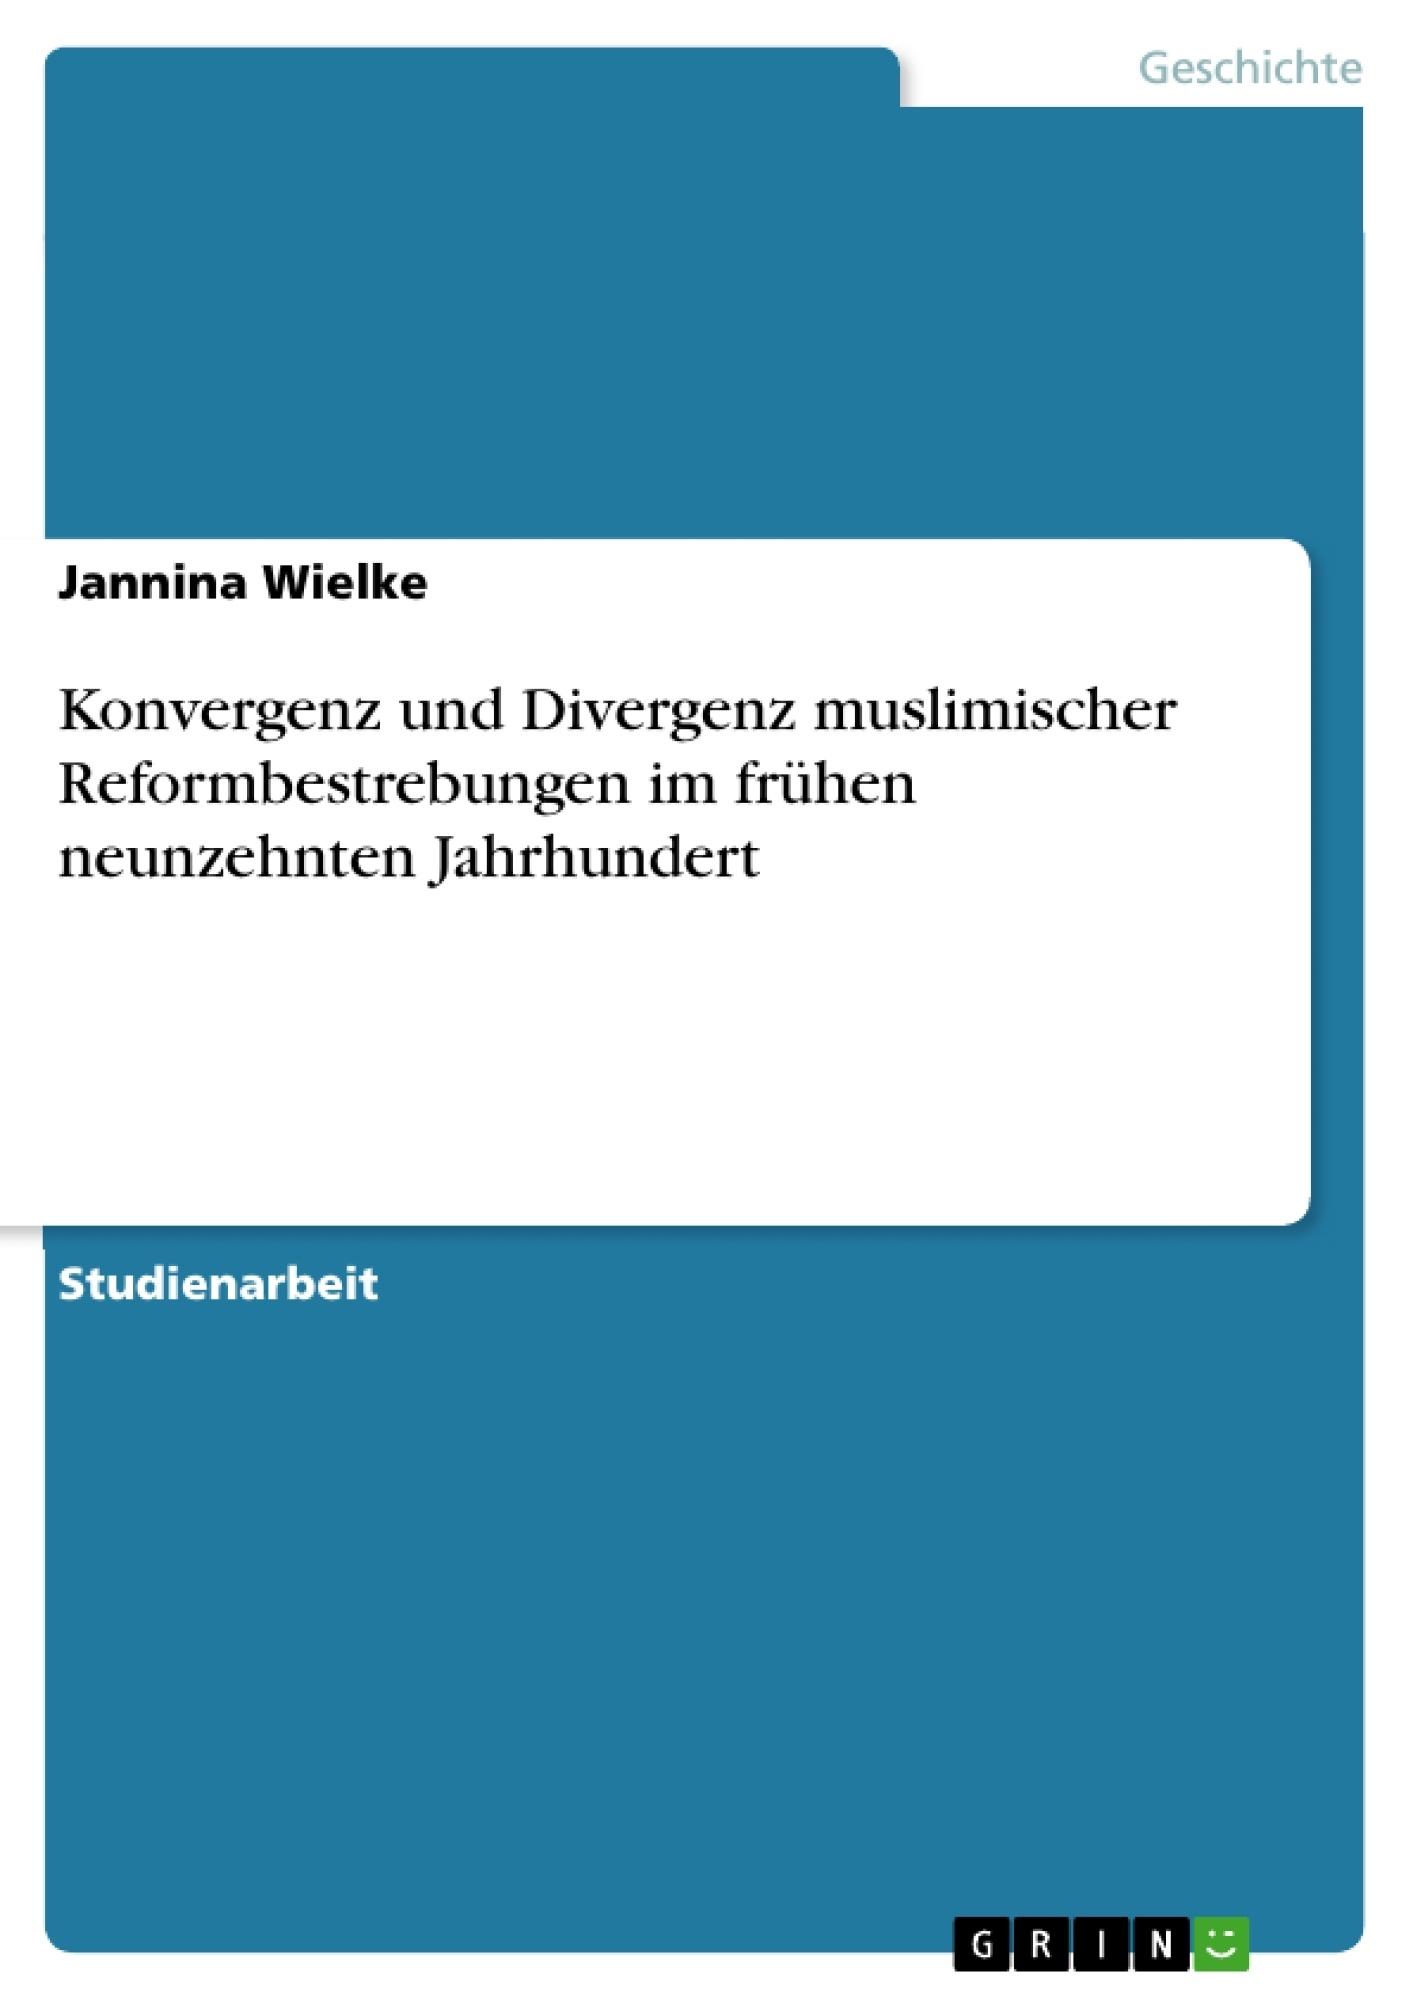 Titel: Konvergenz und Divergenz muslimischer Reformbestrebungen im frühen neunzehnten Jahrhundert